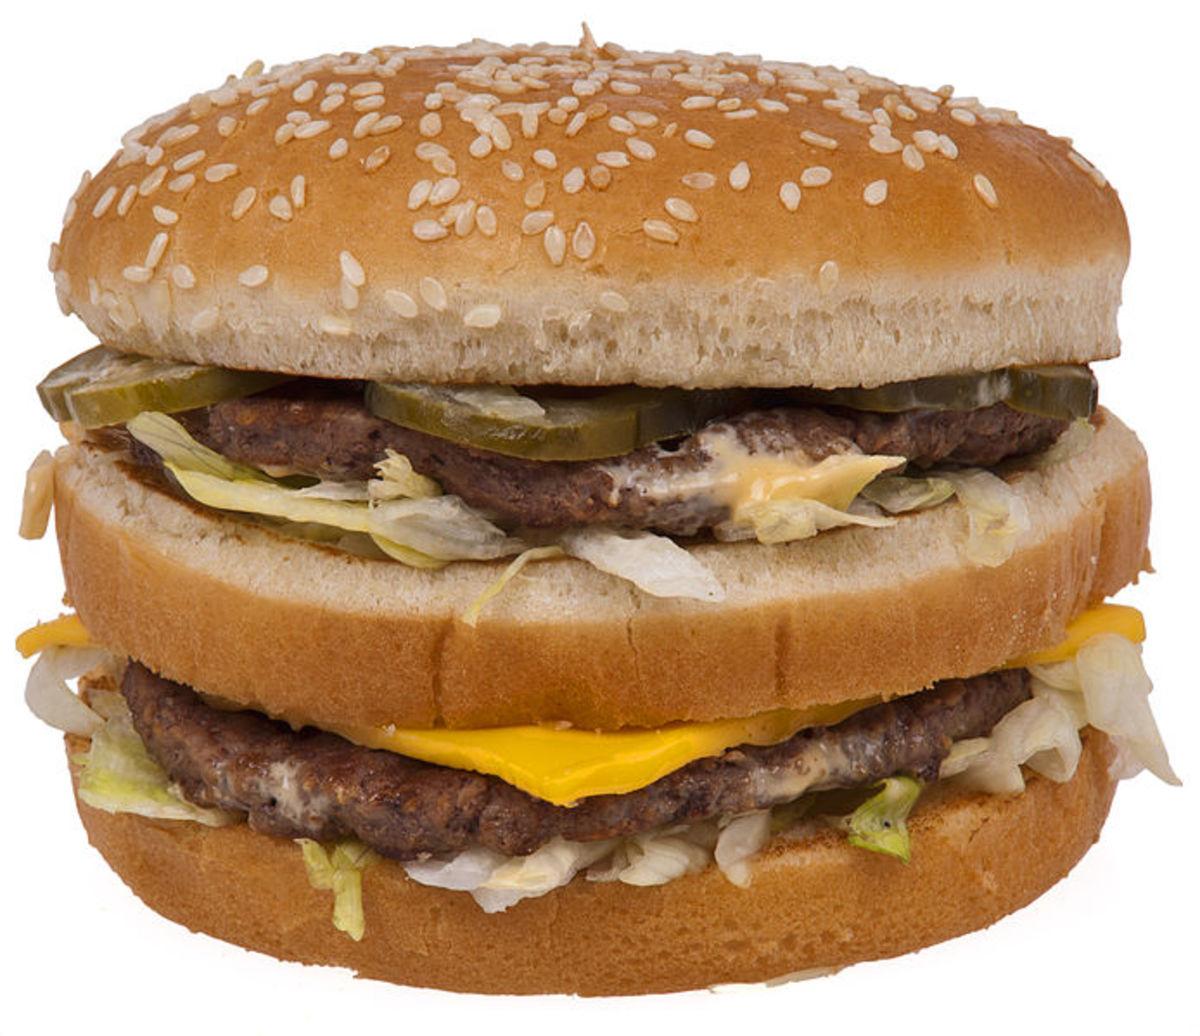 The Big Mac in America.